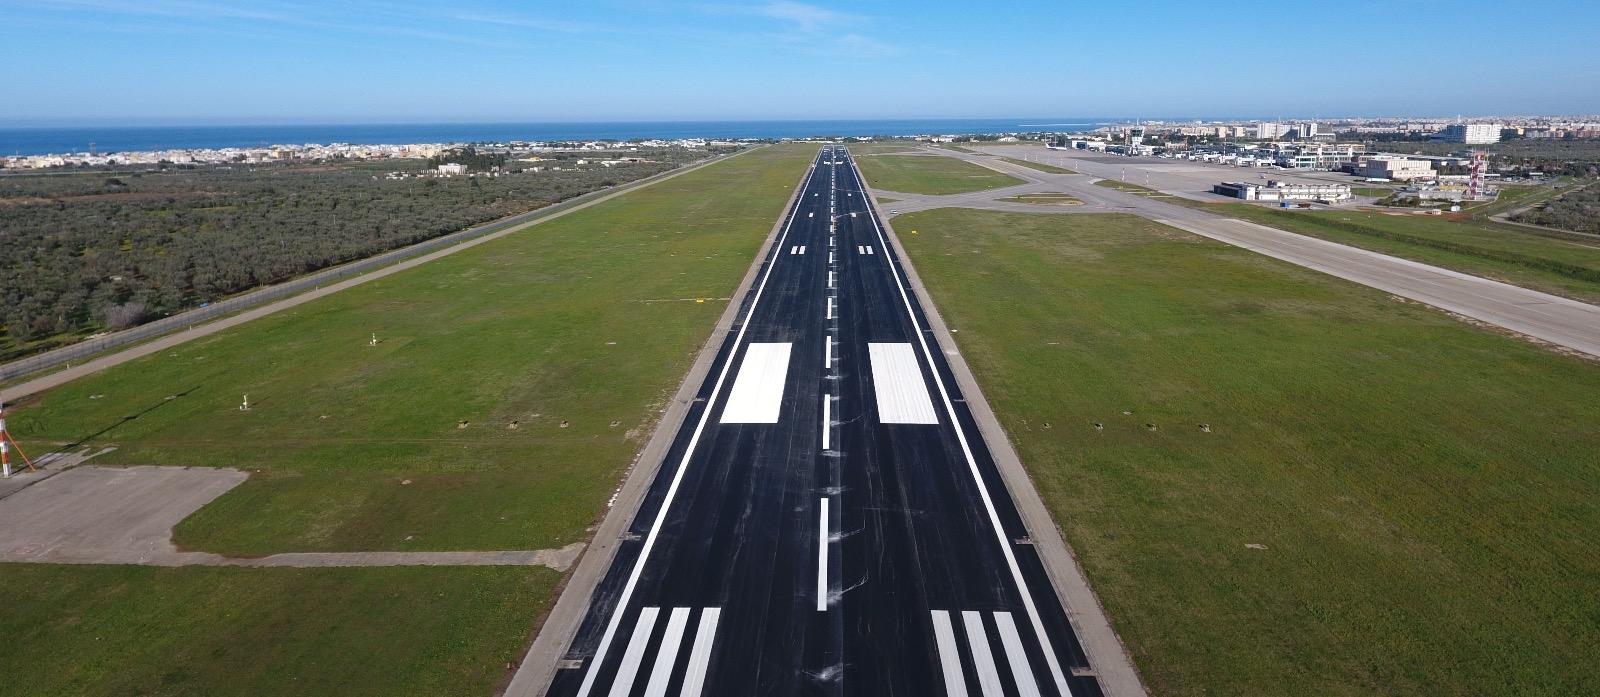 Aeroporto Bari : Europa airpost aircaft presso il cancello l aeroporto